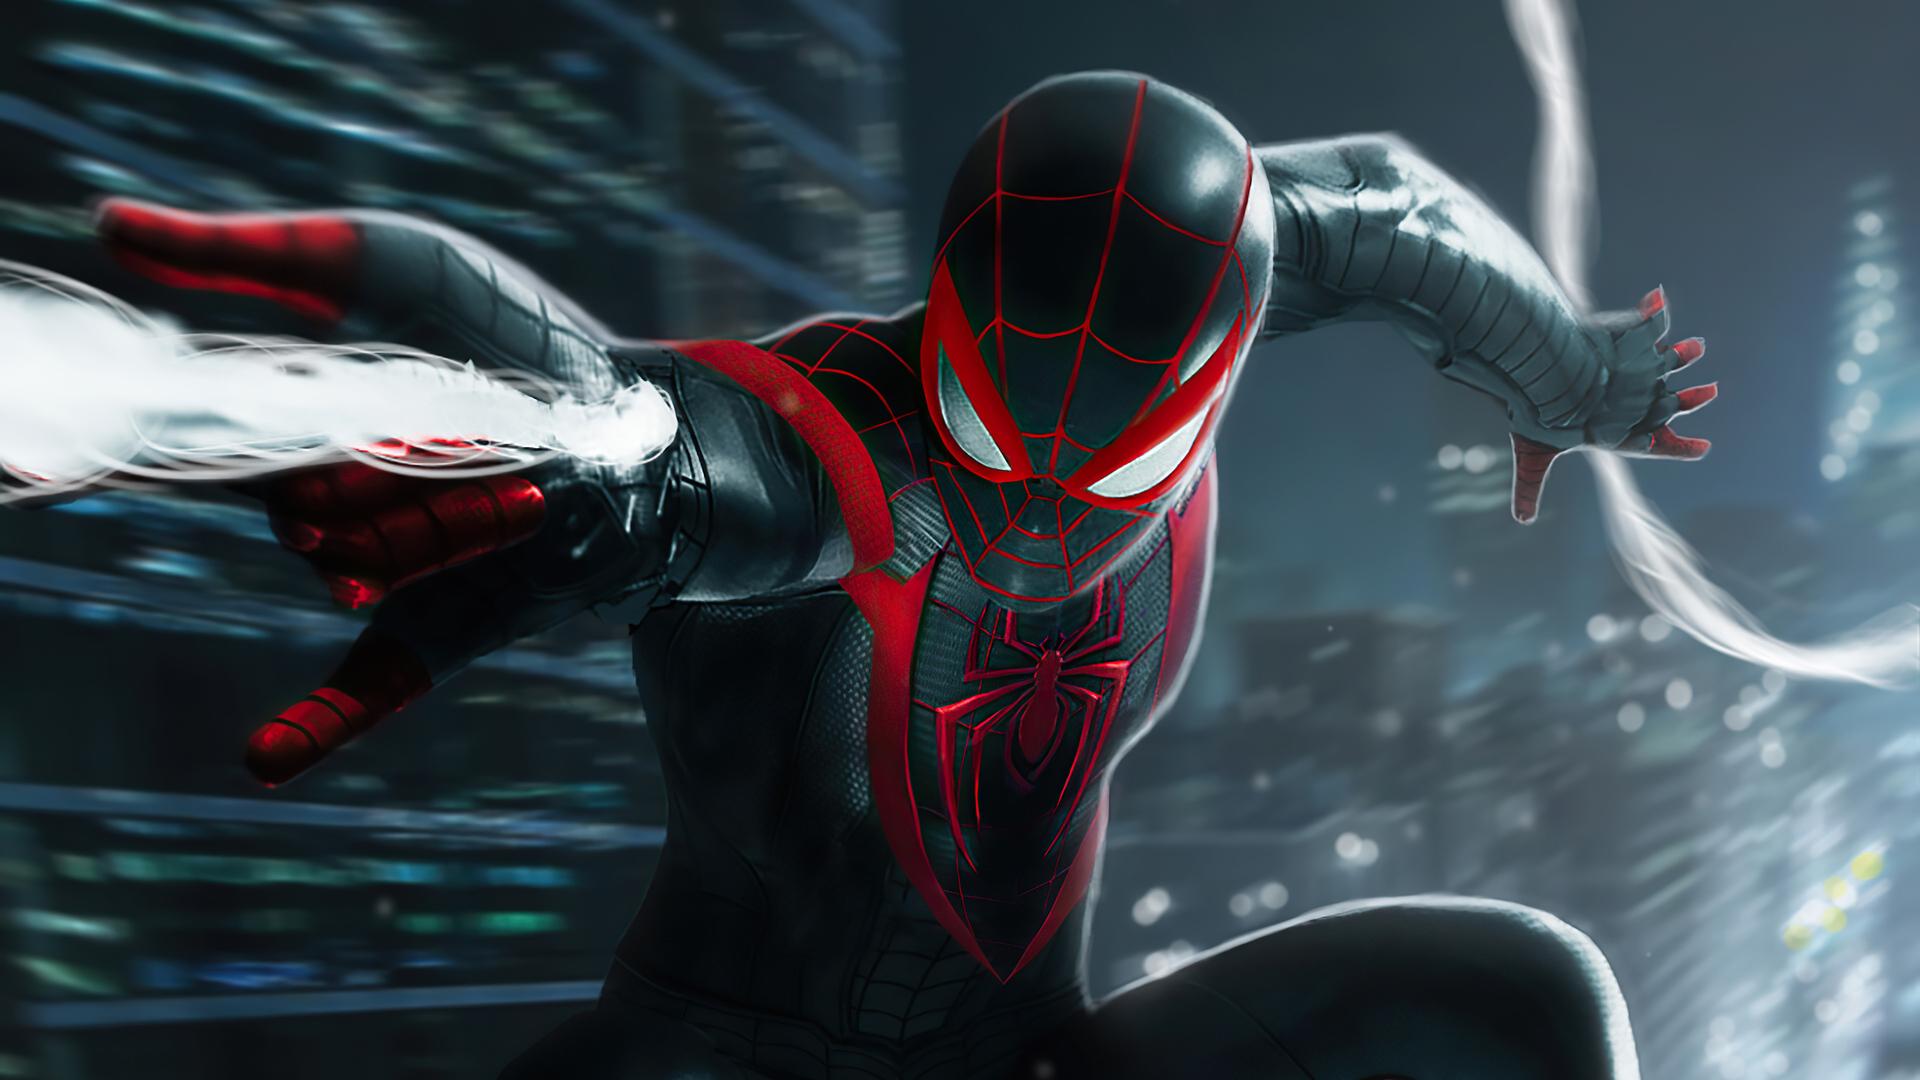 لماذا نرى أن لعبة Spider-Man Miles Morales ستكون من أفضل ألعاب العام؟ - عرب  هاردوير